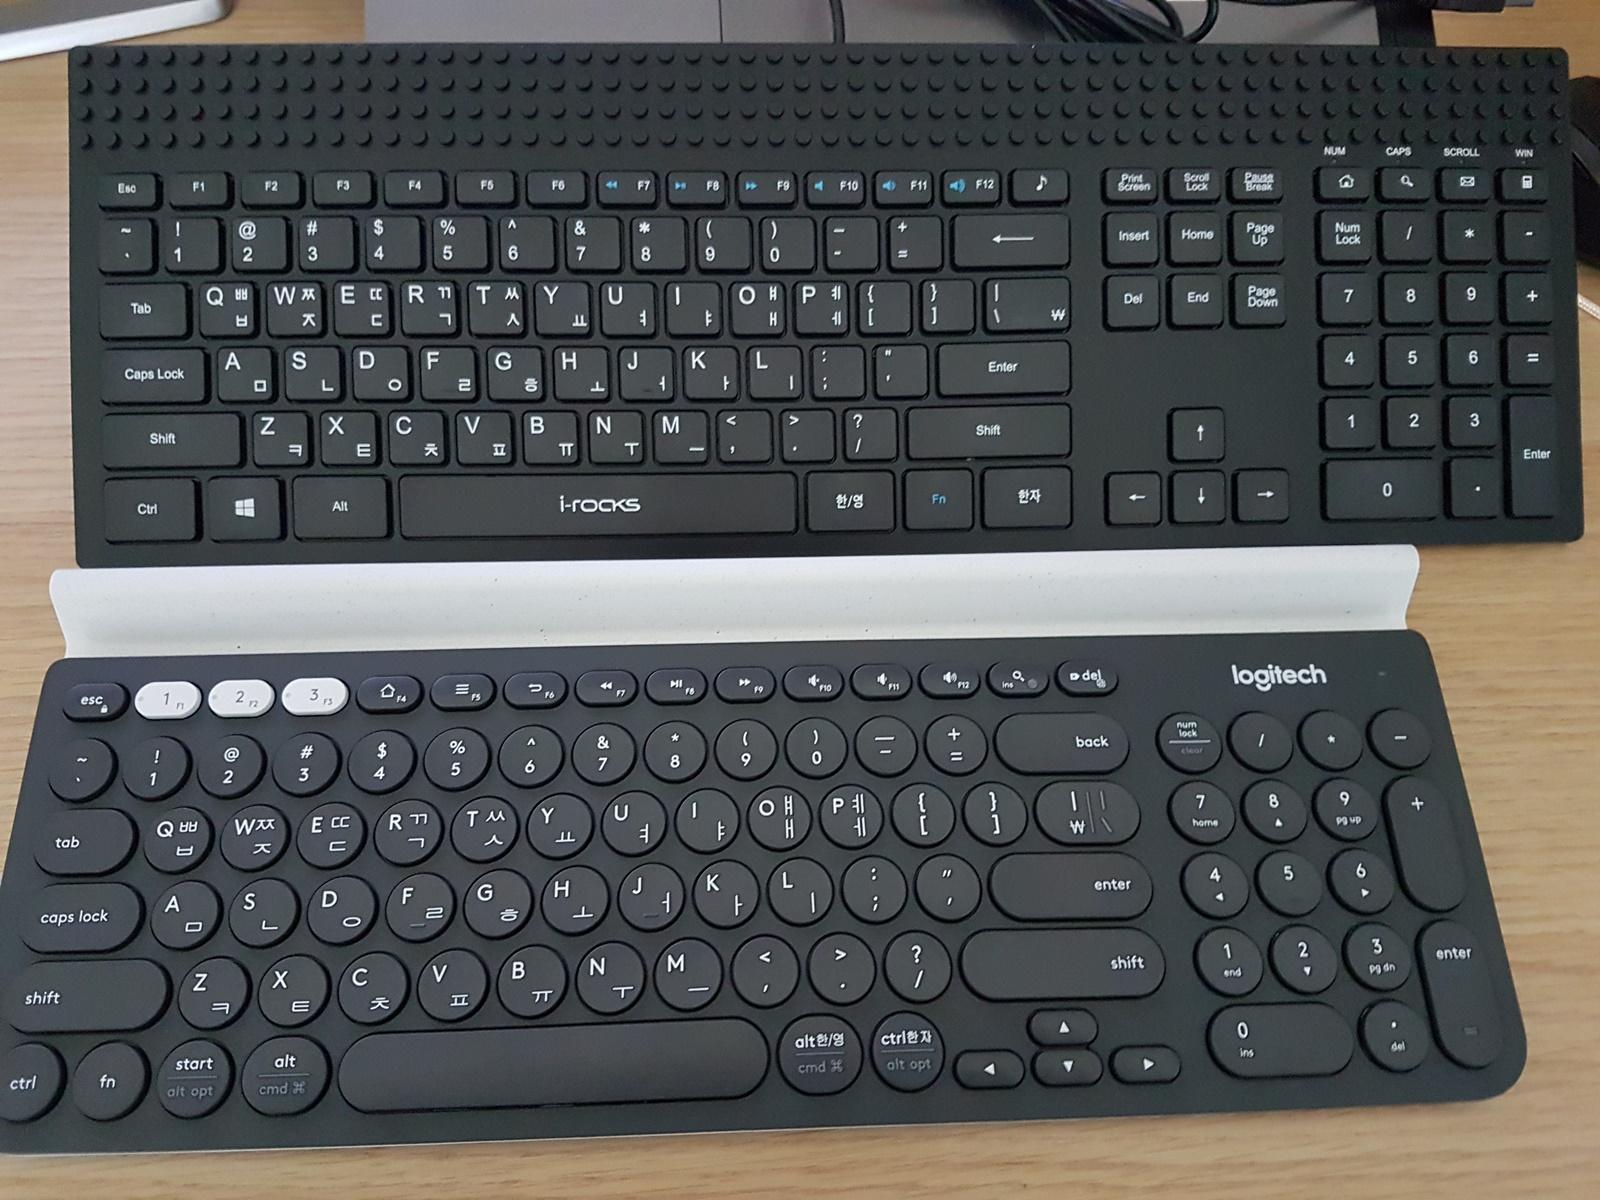 기존에 사용하던 아이락스 K23W 펜터그래프 키보드와 비교입니다.